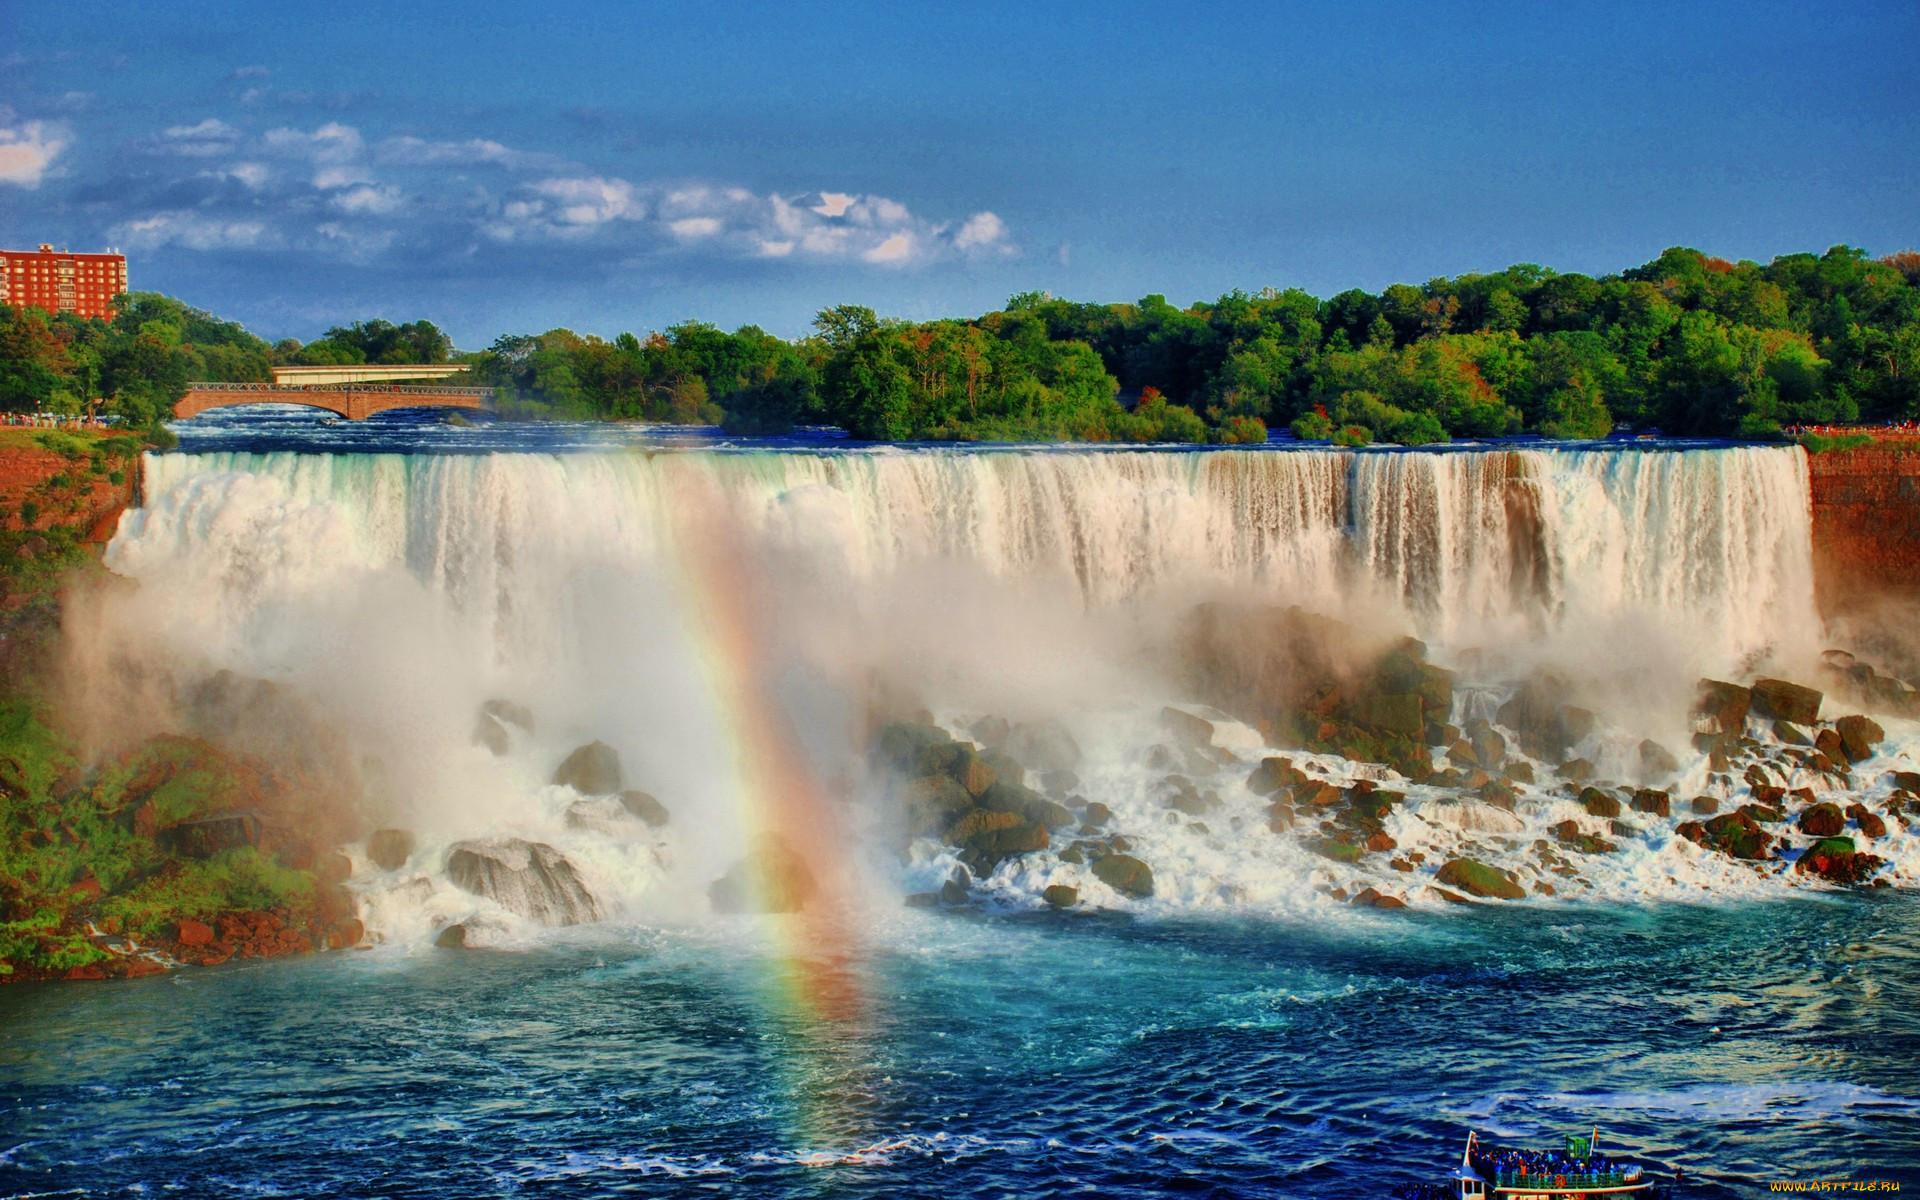 ниагарский водопад фото перенести на рабочий стол нет